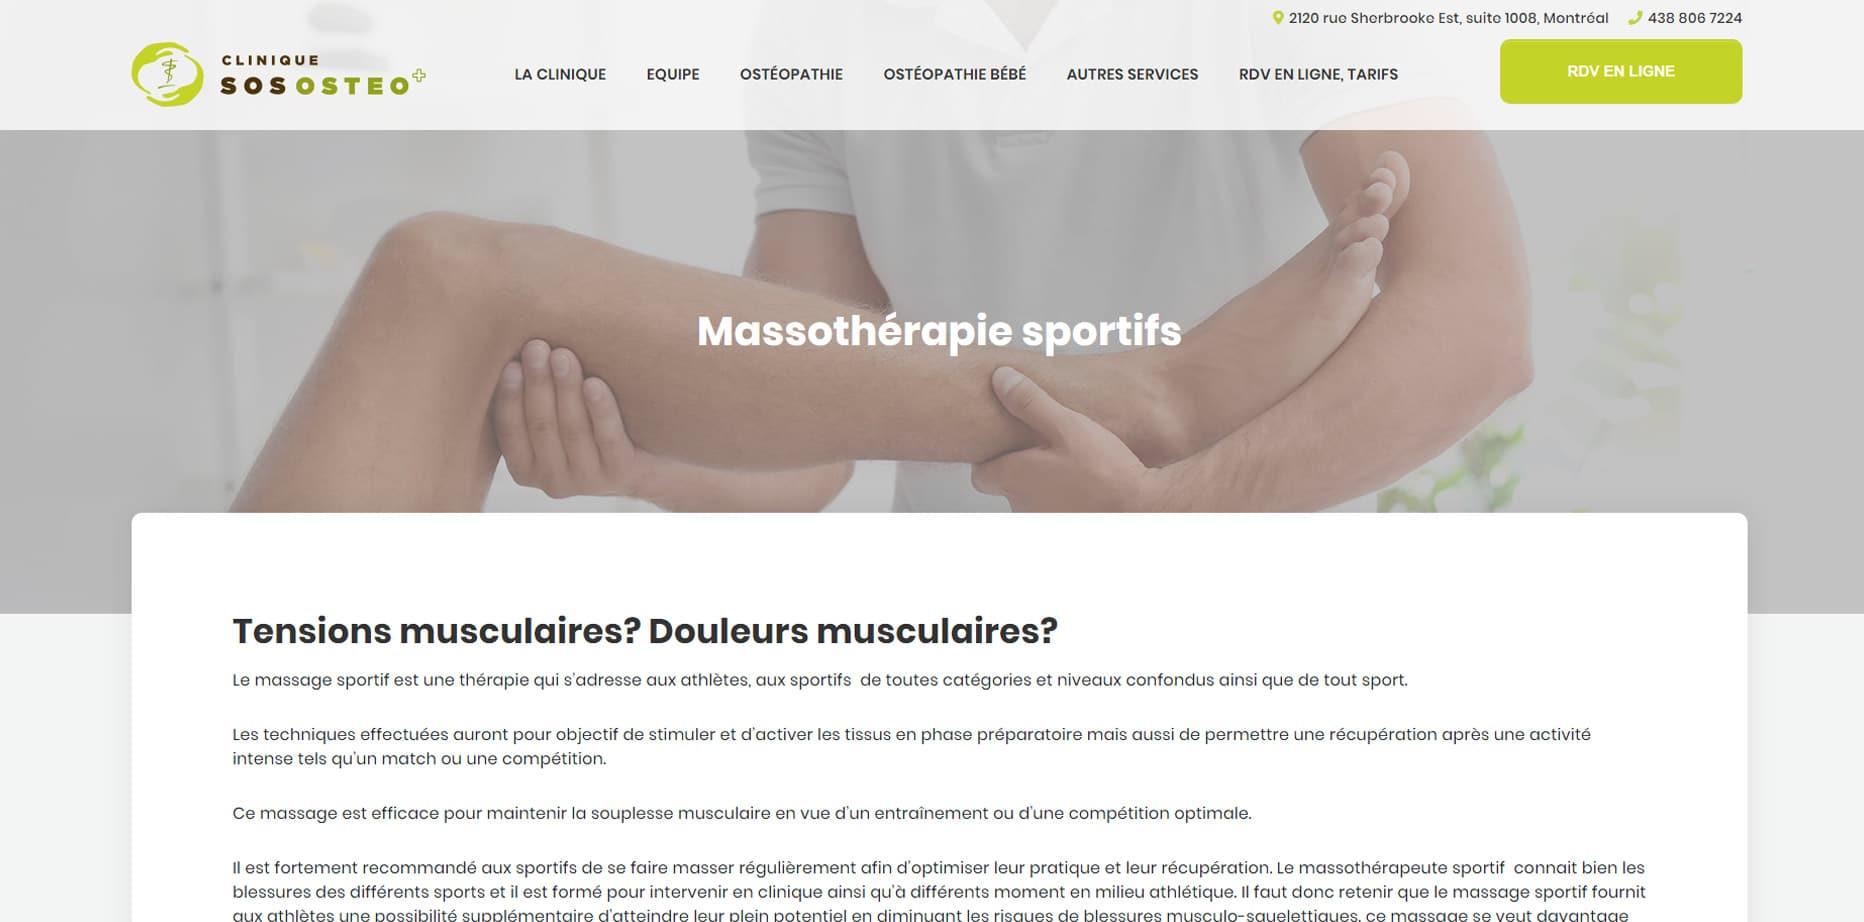 clinique-sos-osteo-5